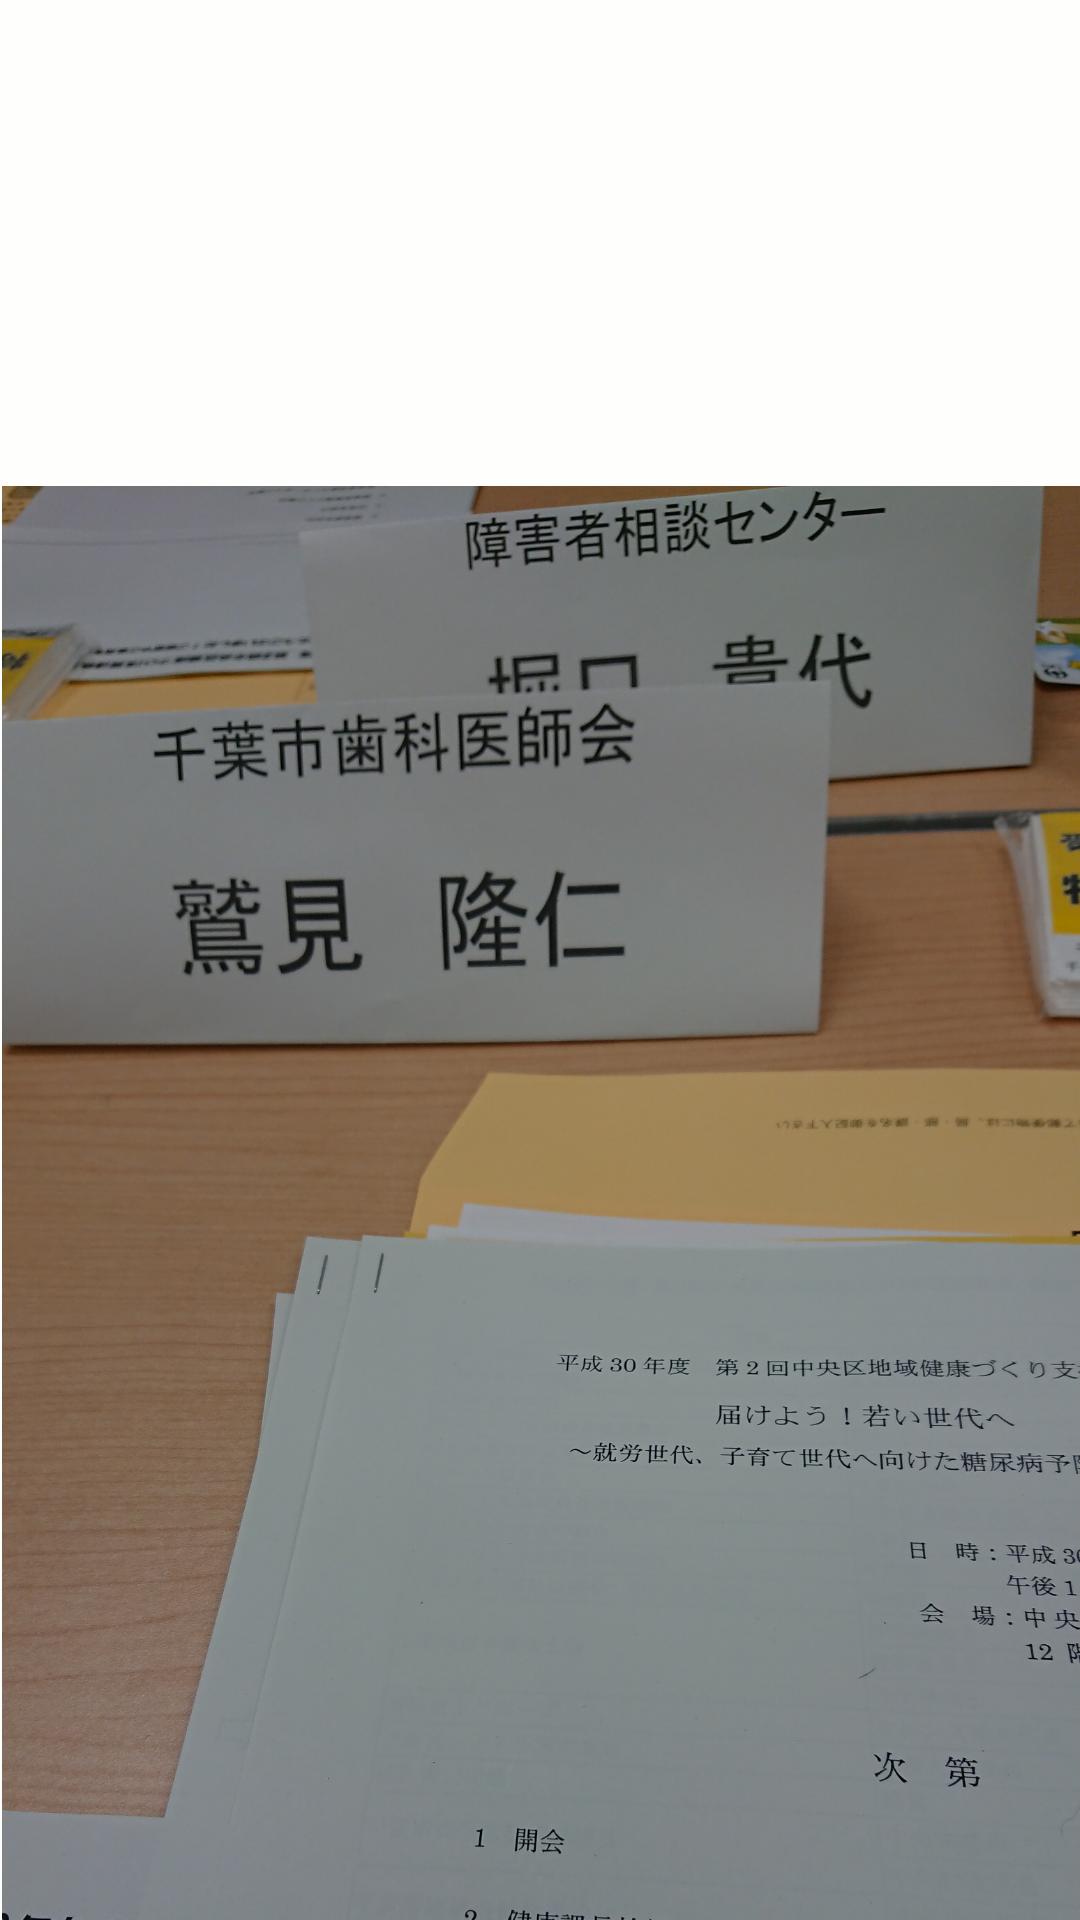 千葉市の地域健康づくり支援連絡会に出席しております。